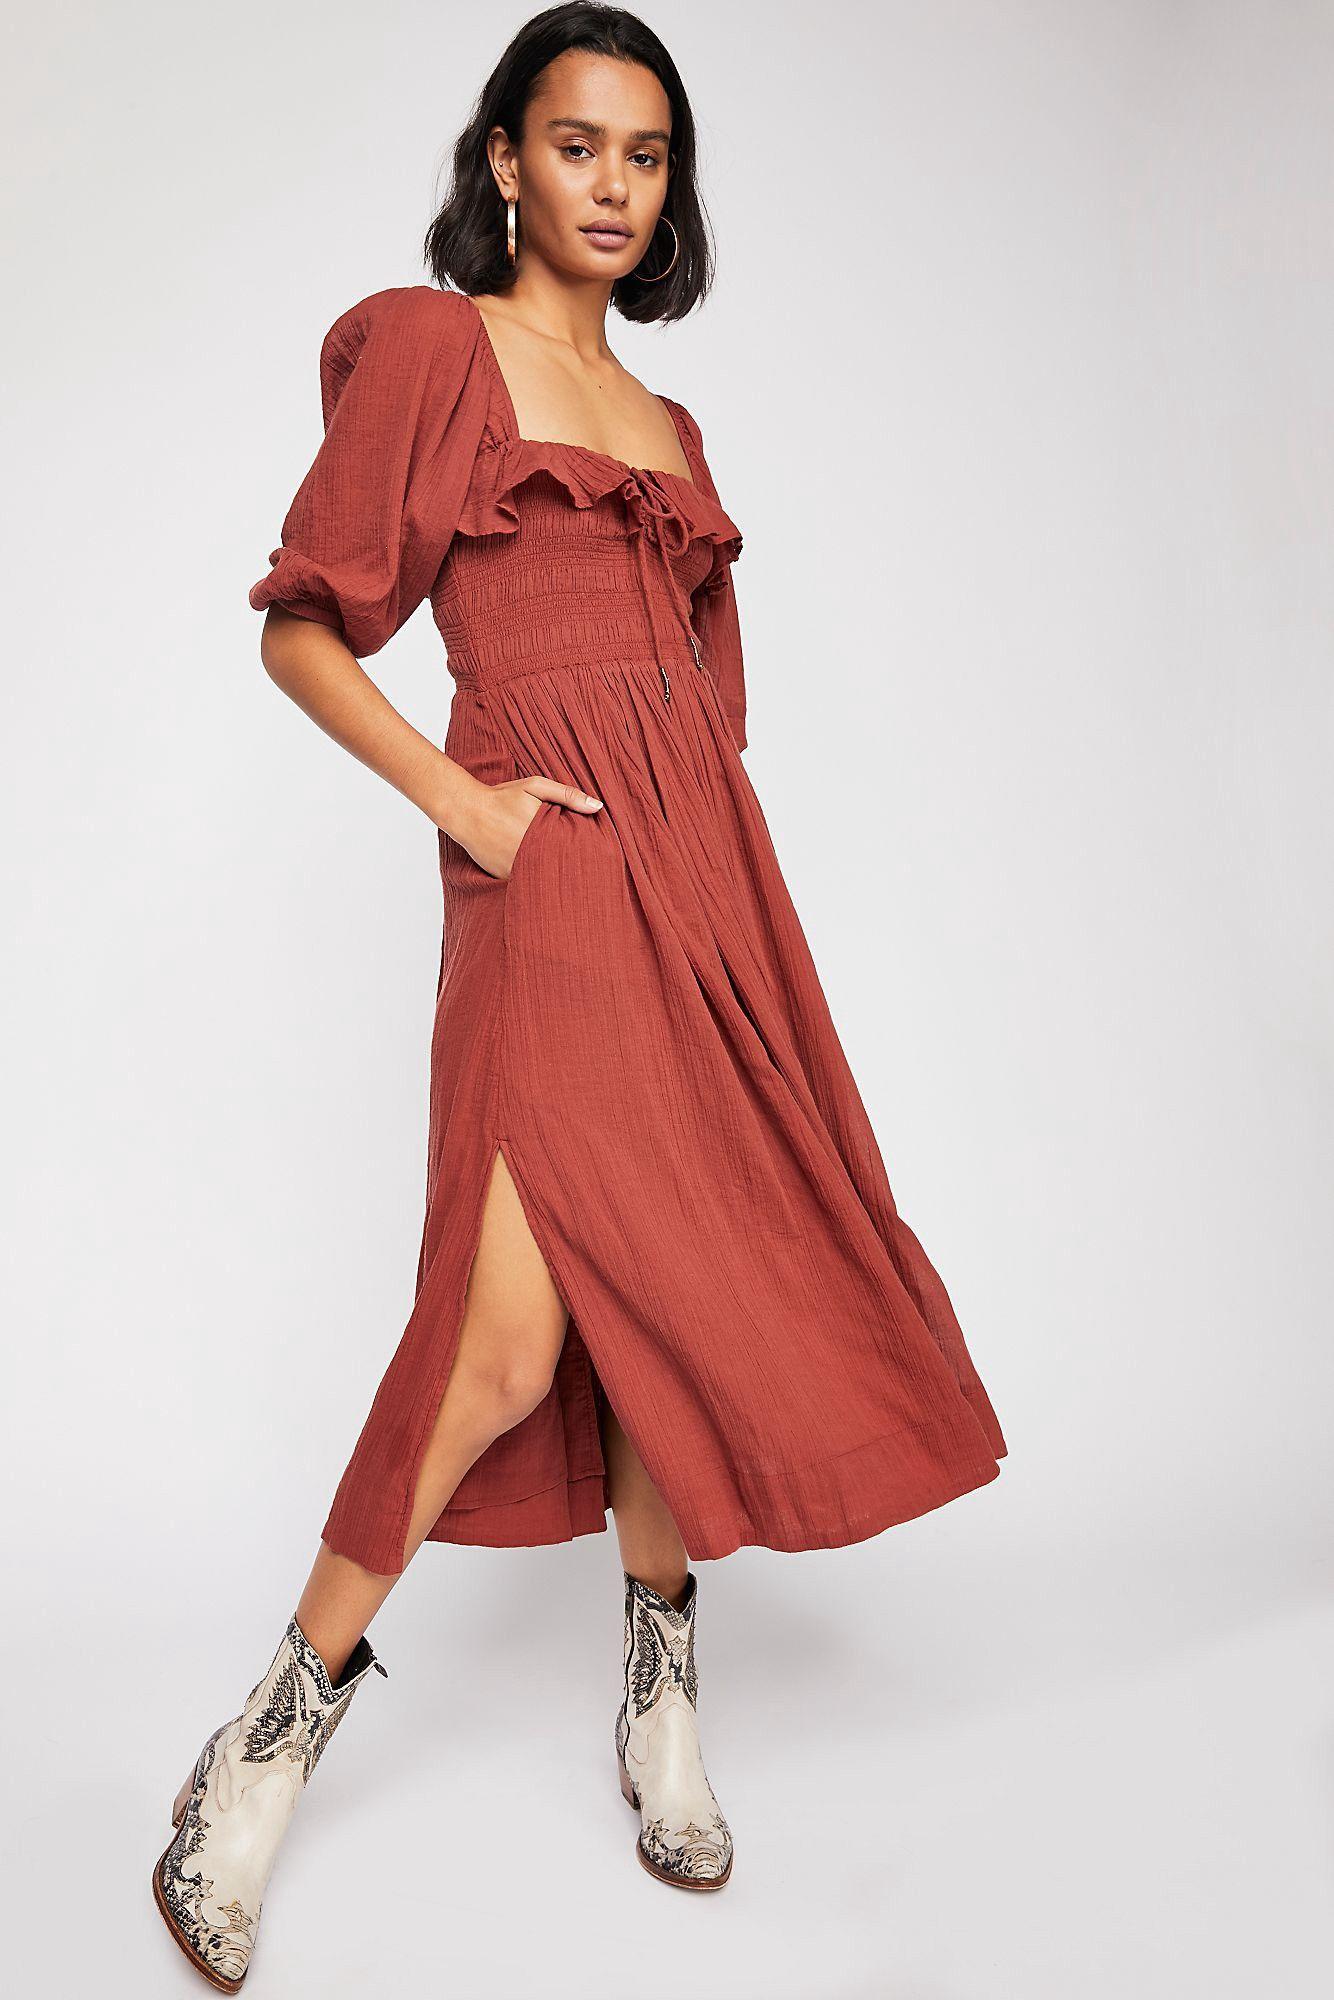 b03fc3b671f Free People Oasis Midi Dress - L